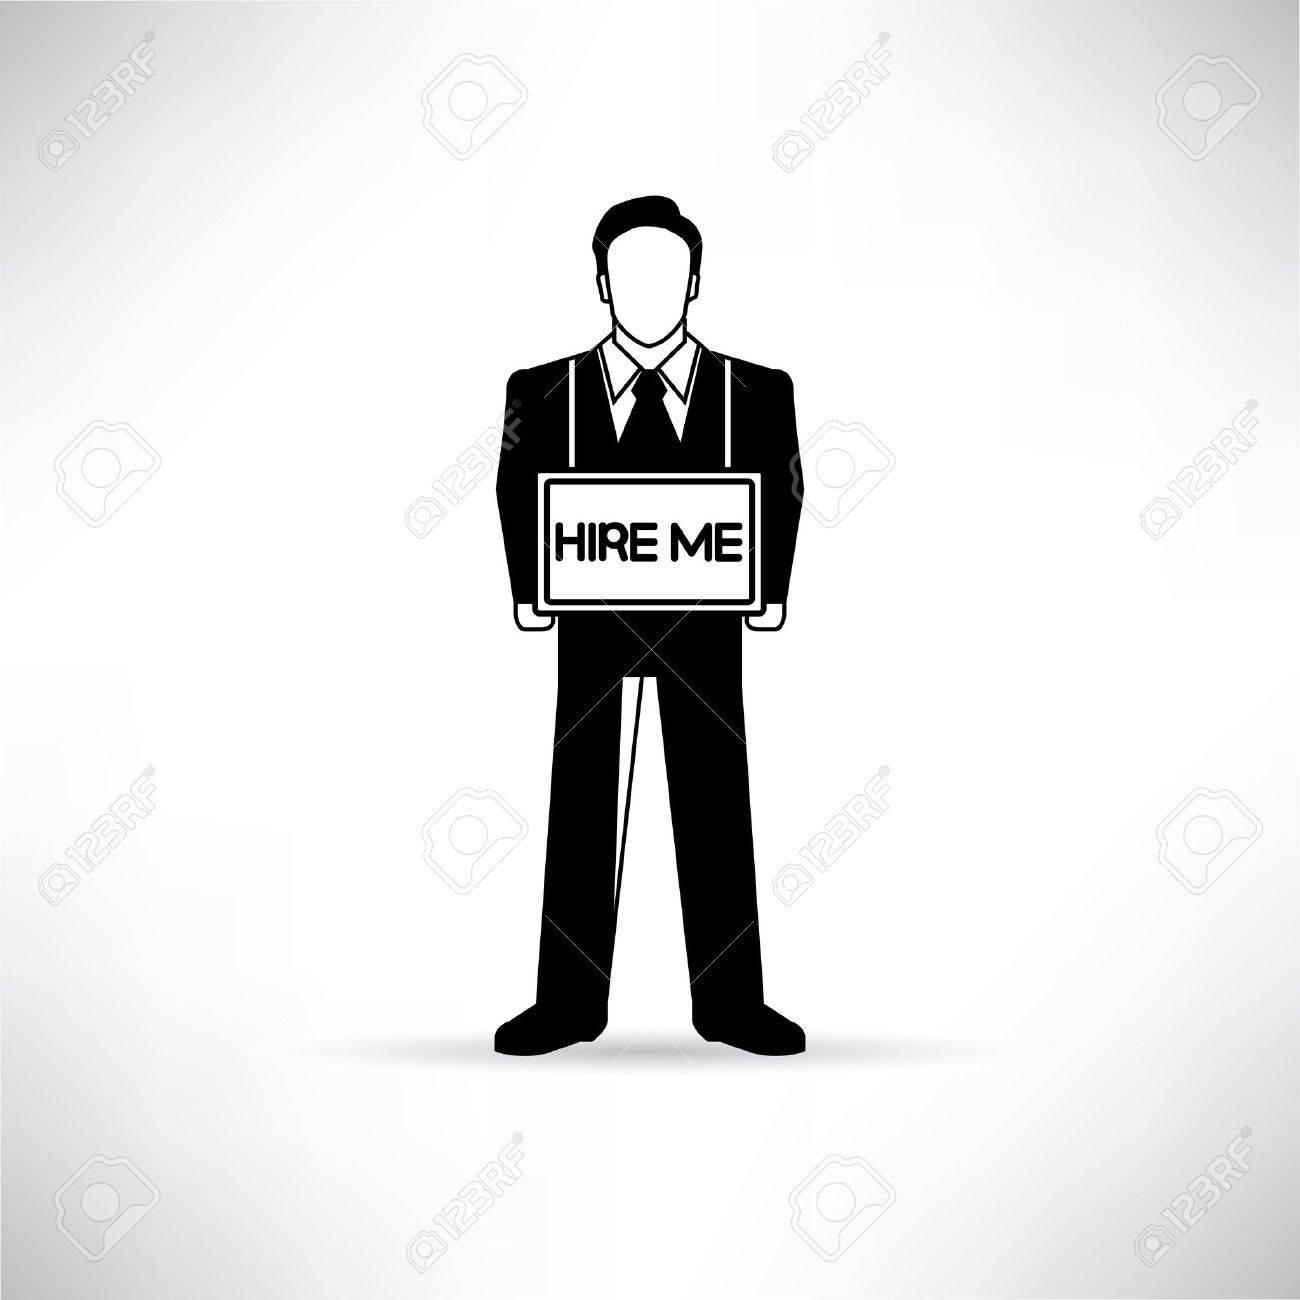 job seeker stock photos images royalty job seeker images and job seeker job seeker